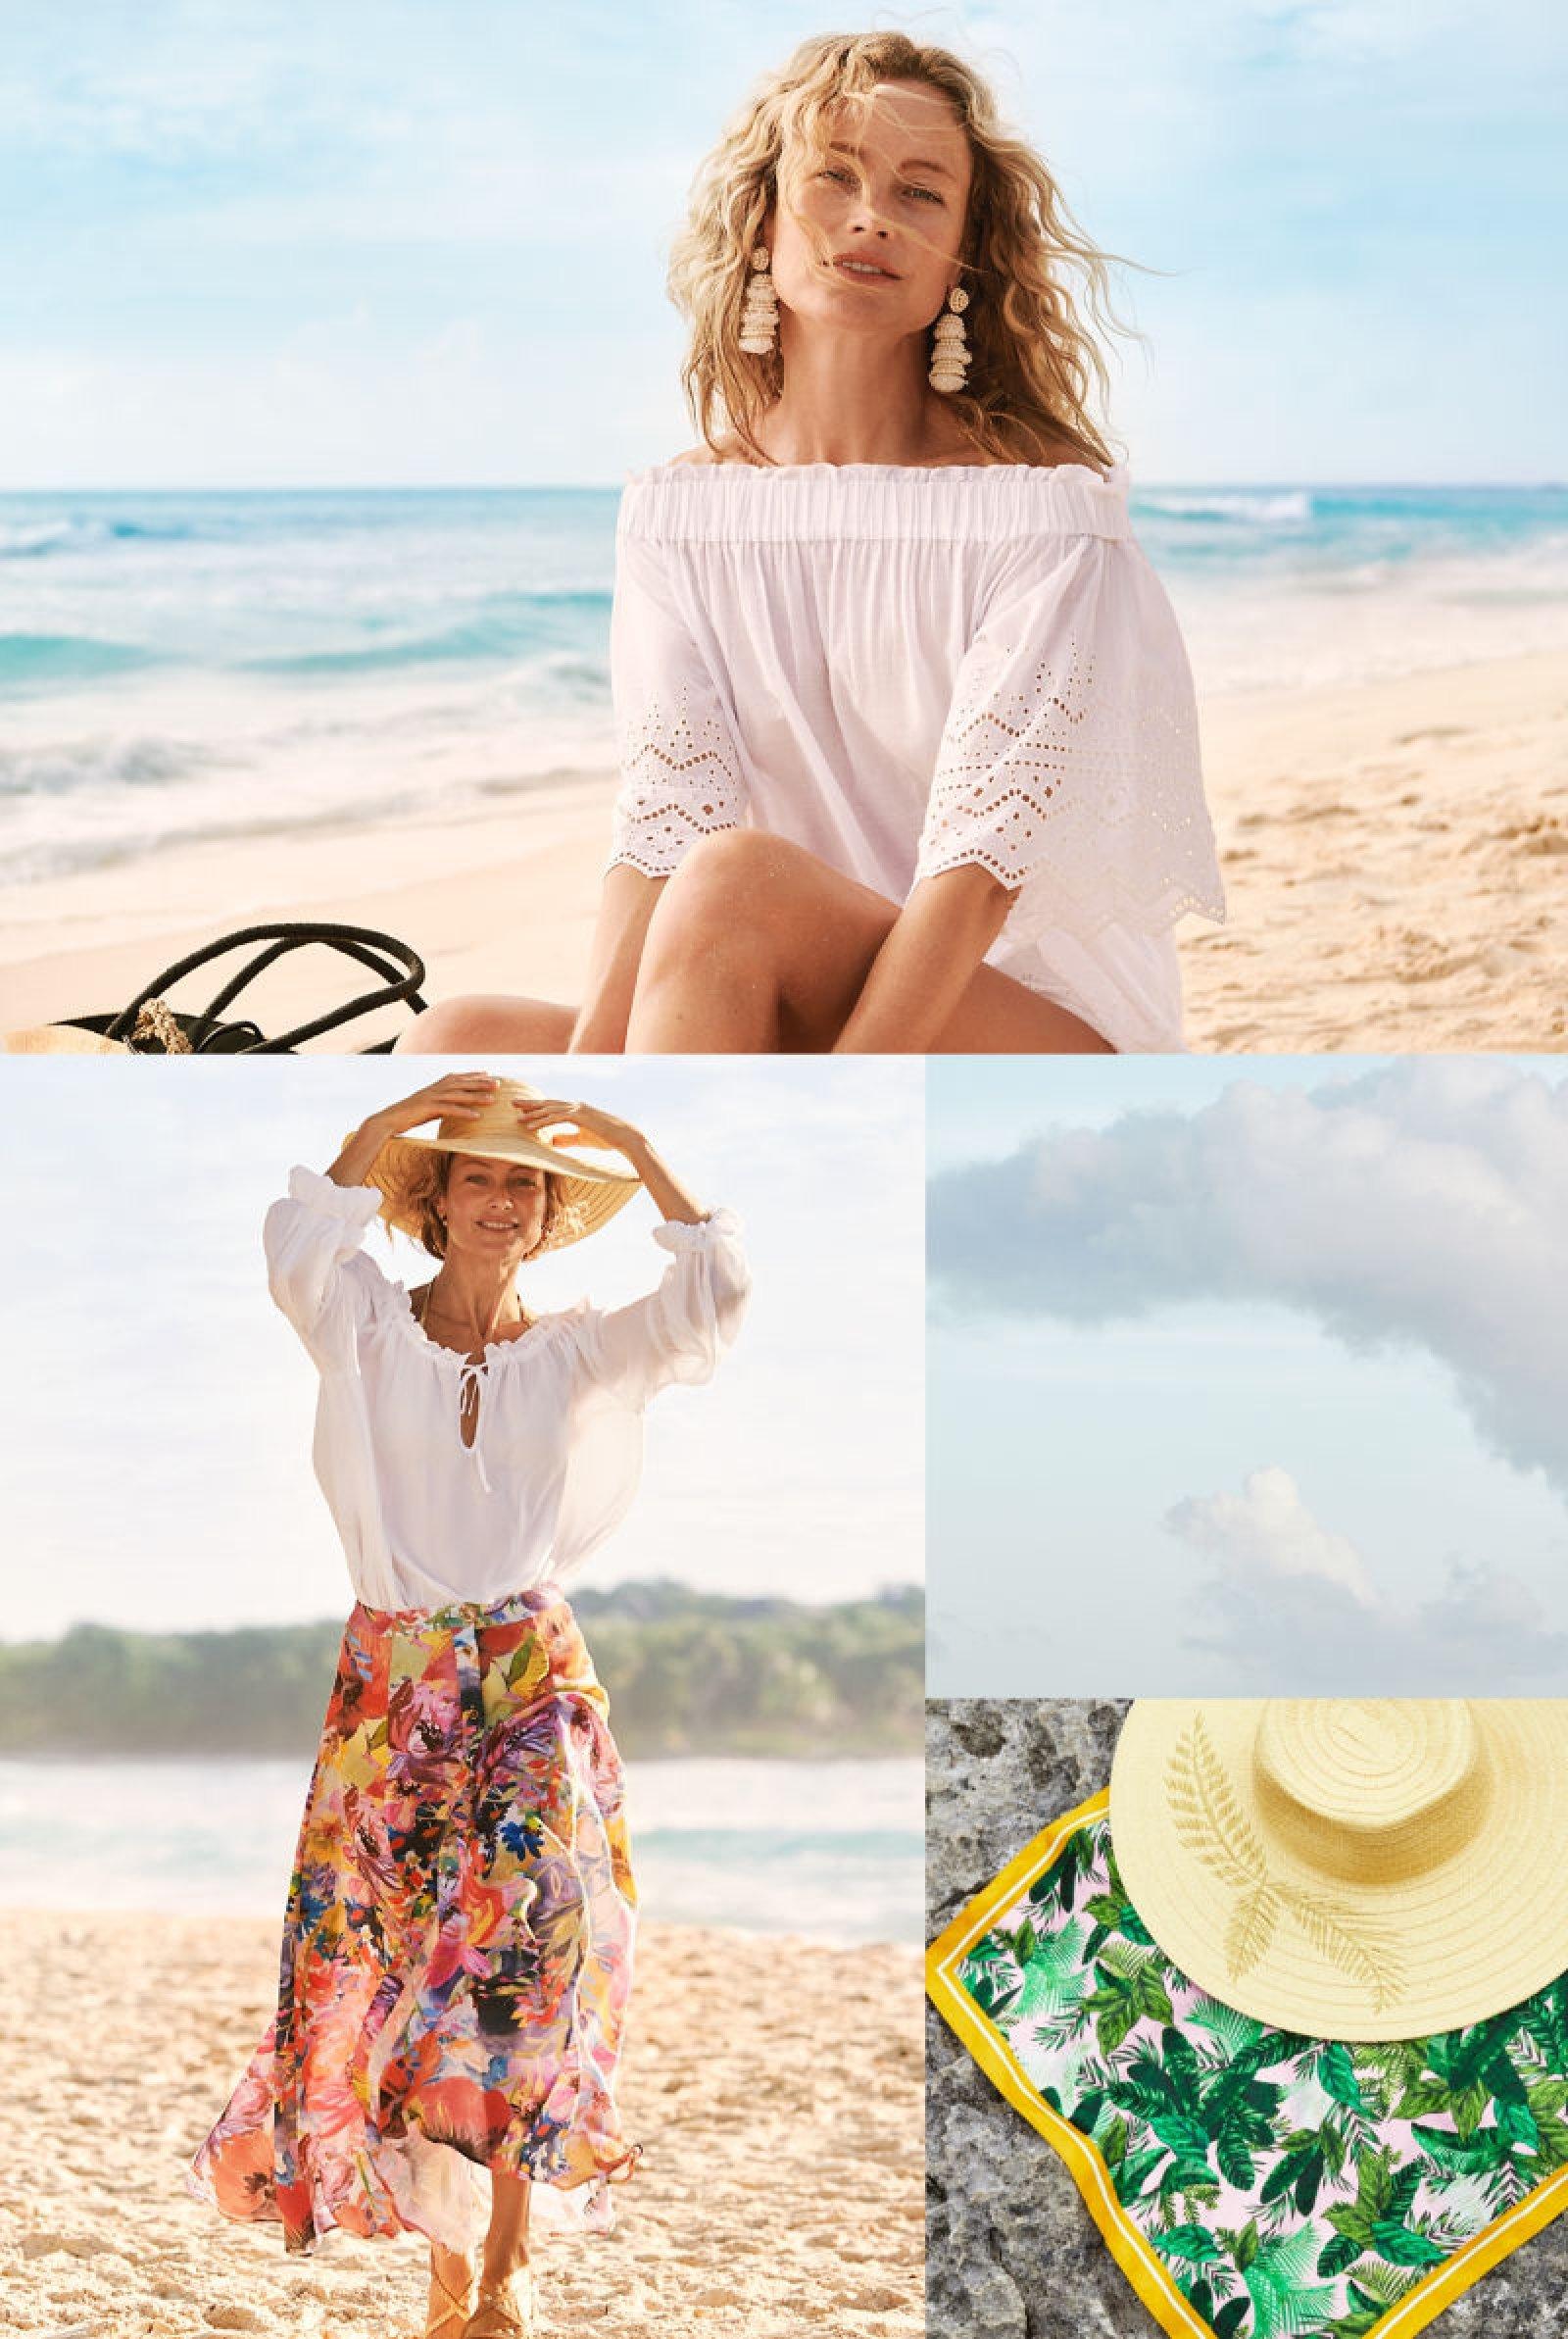 Estampados florales inundan el verano con 'Under the sun' de H&M